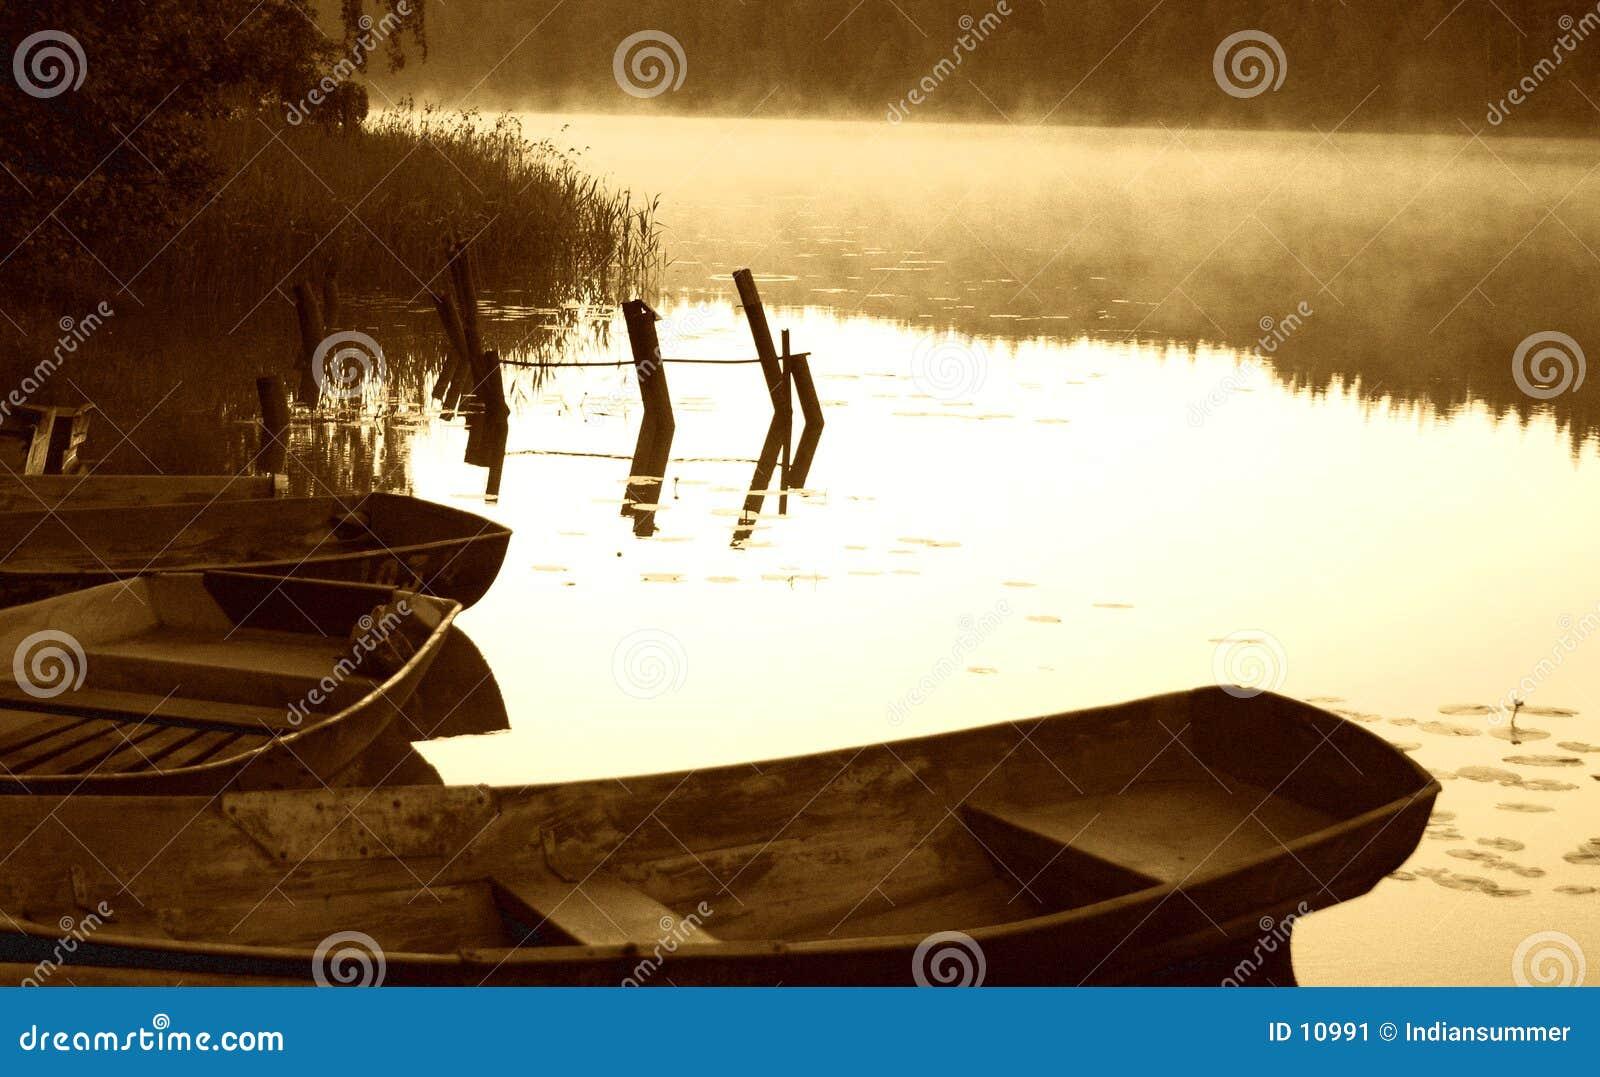 小船早有雾的湖早晨草图